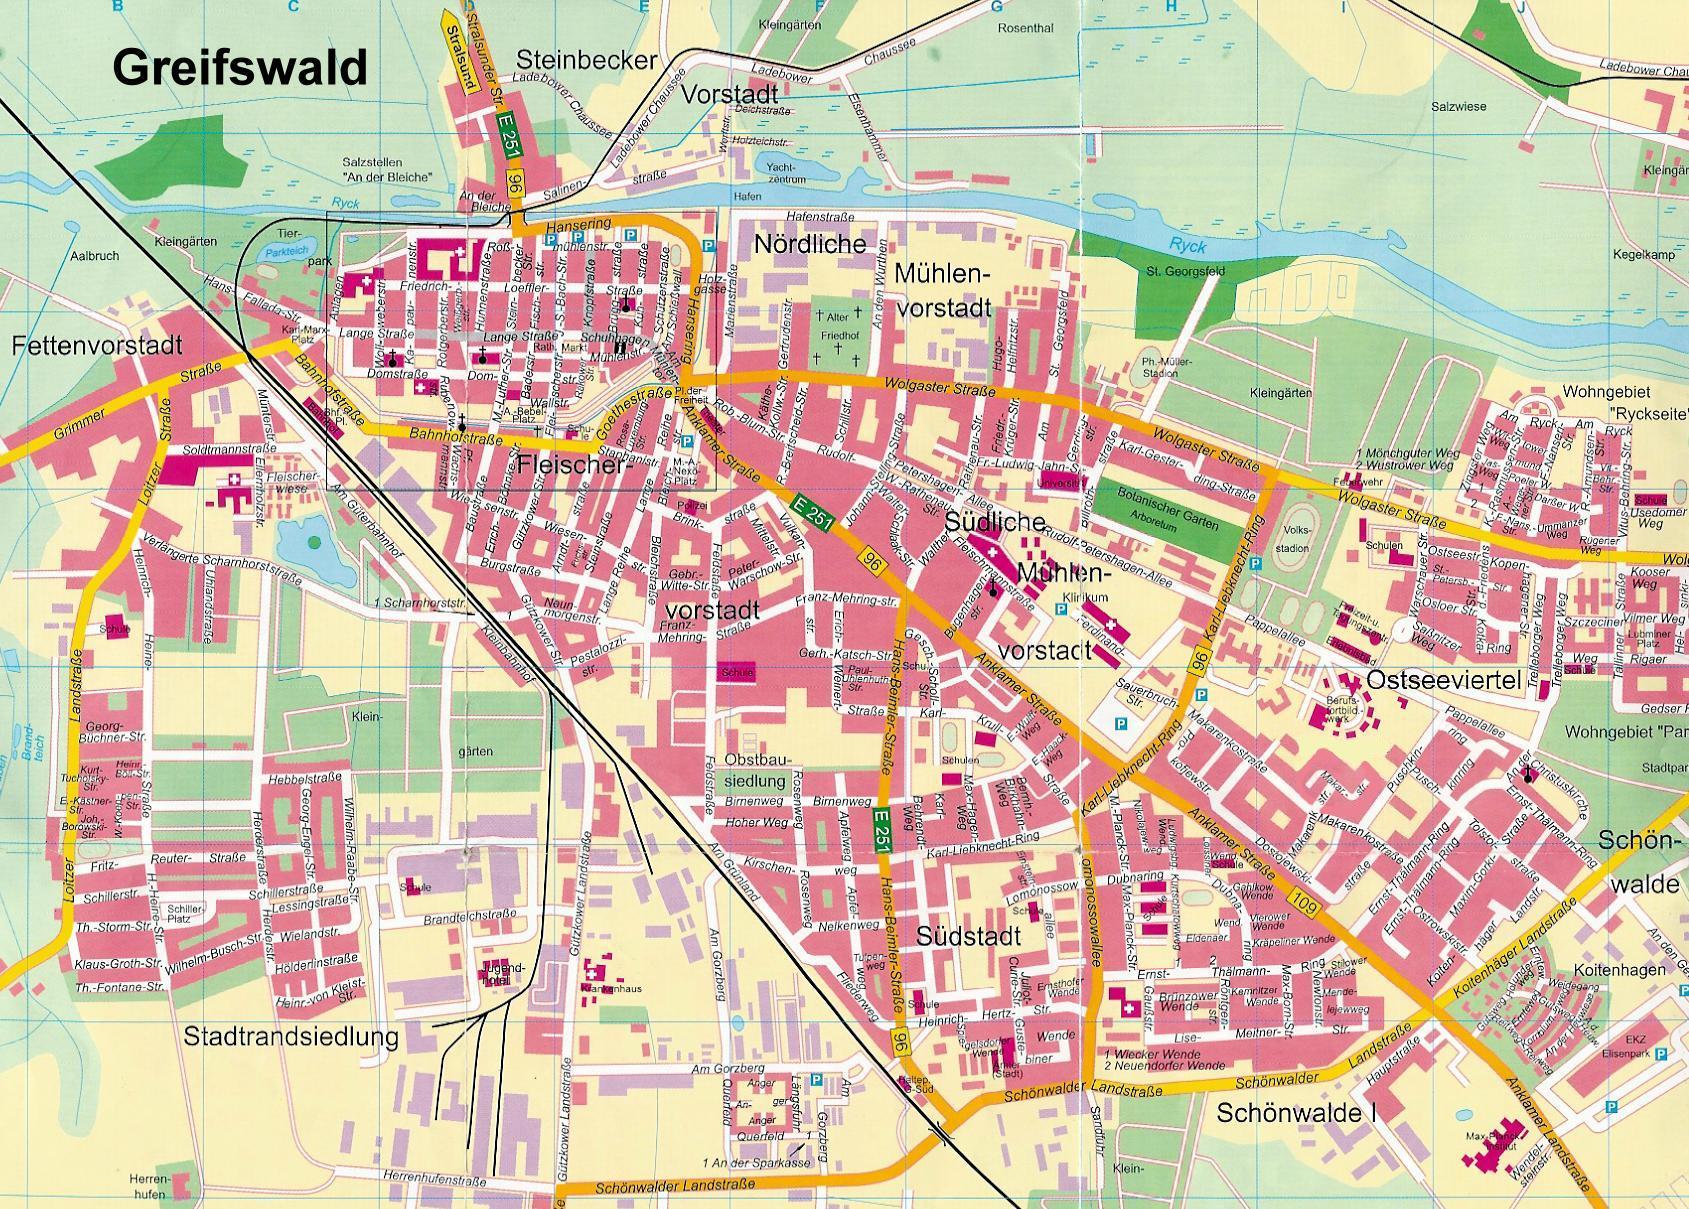 Greifswald Karte.Stadtplan Von Greifswald